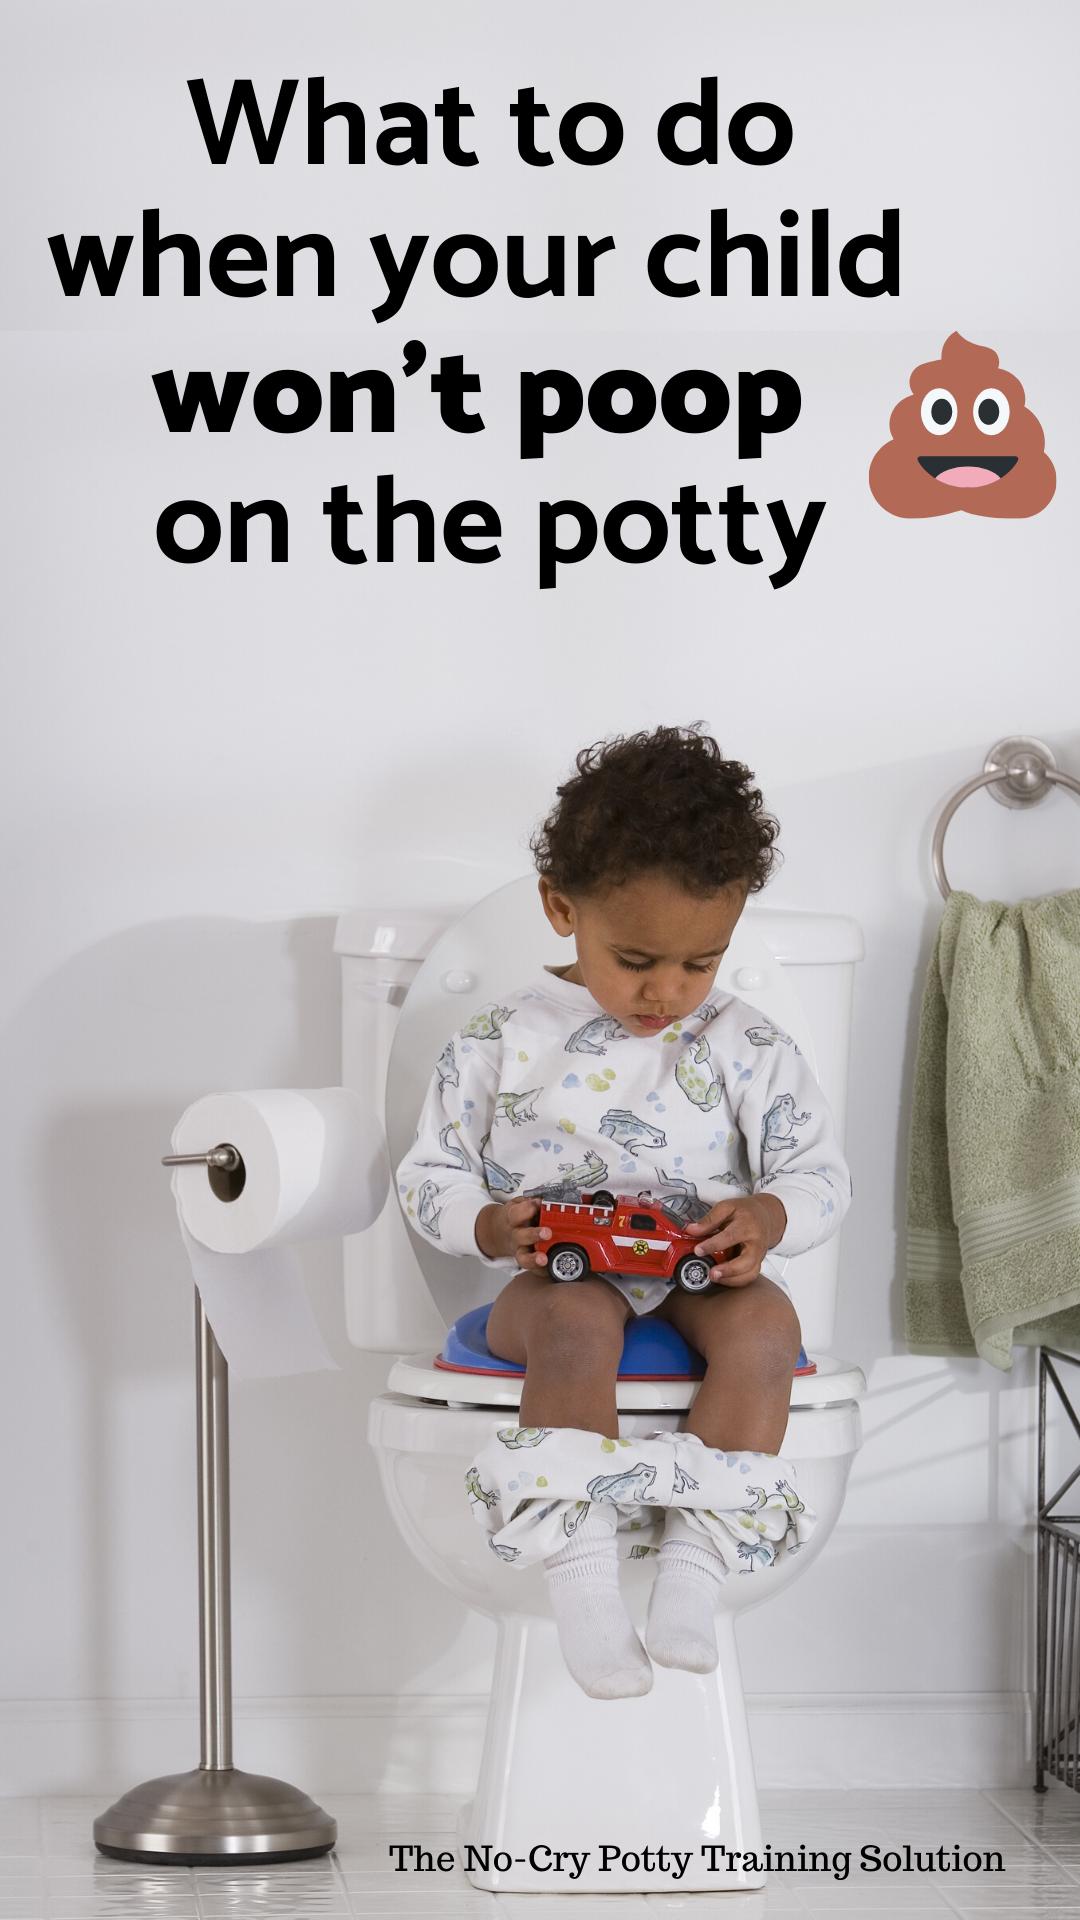 child won't poop